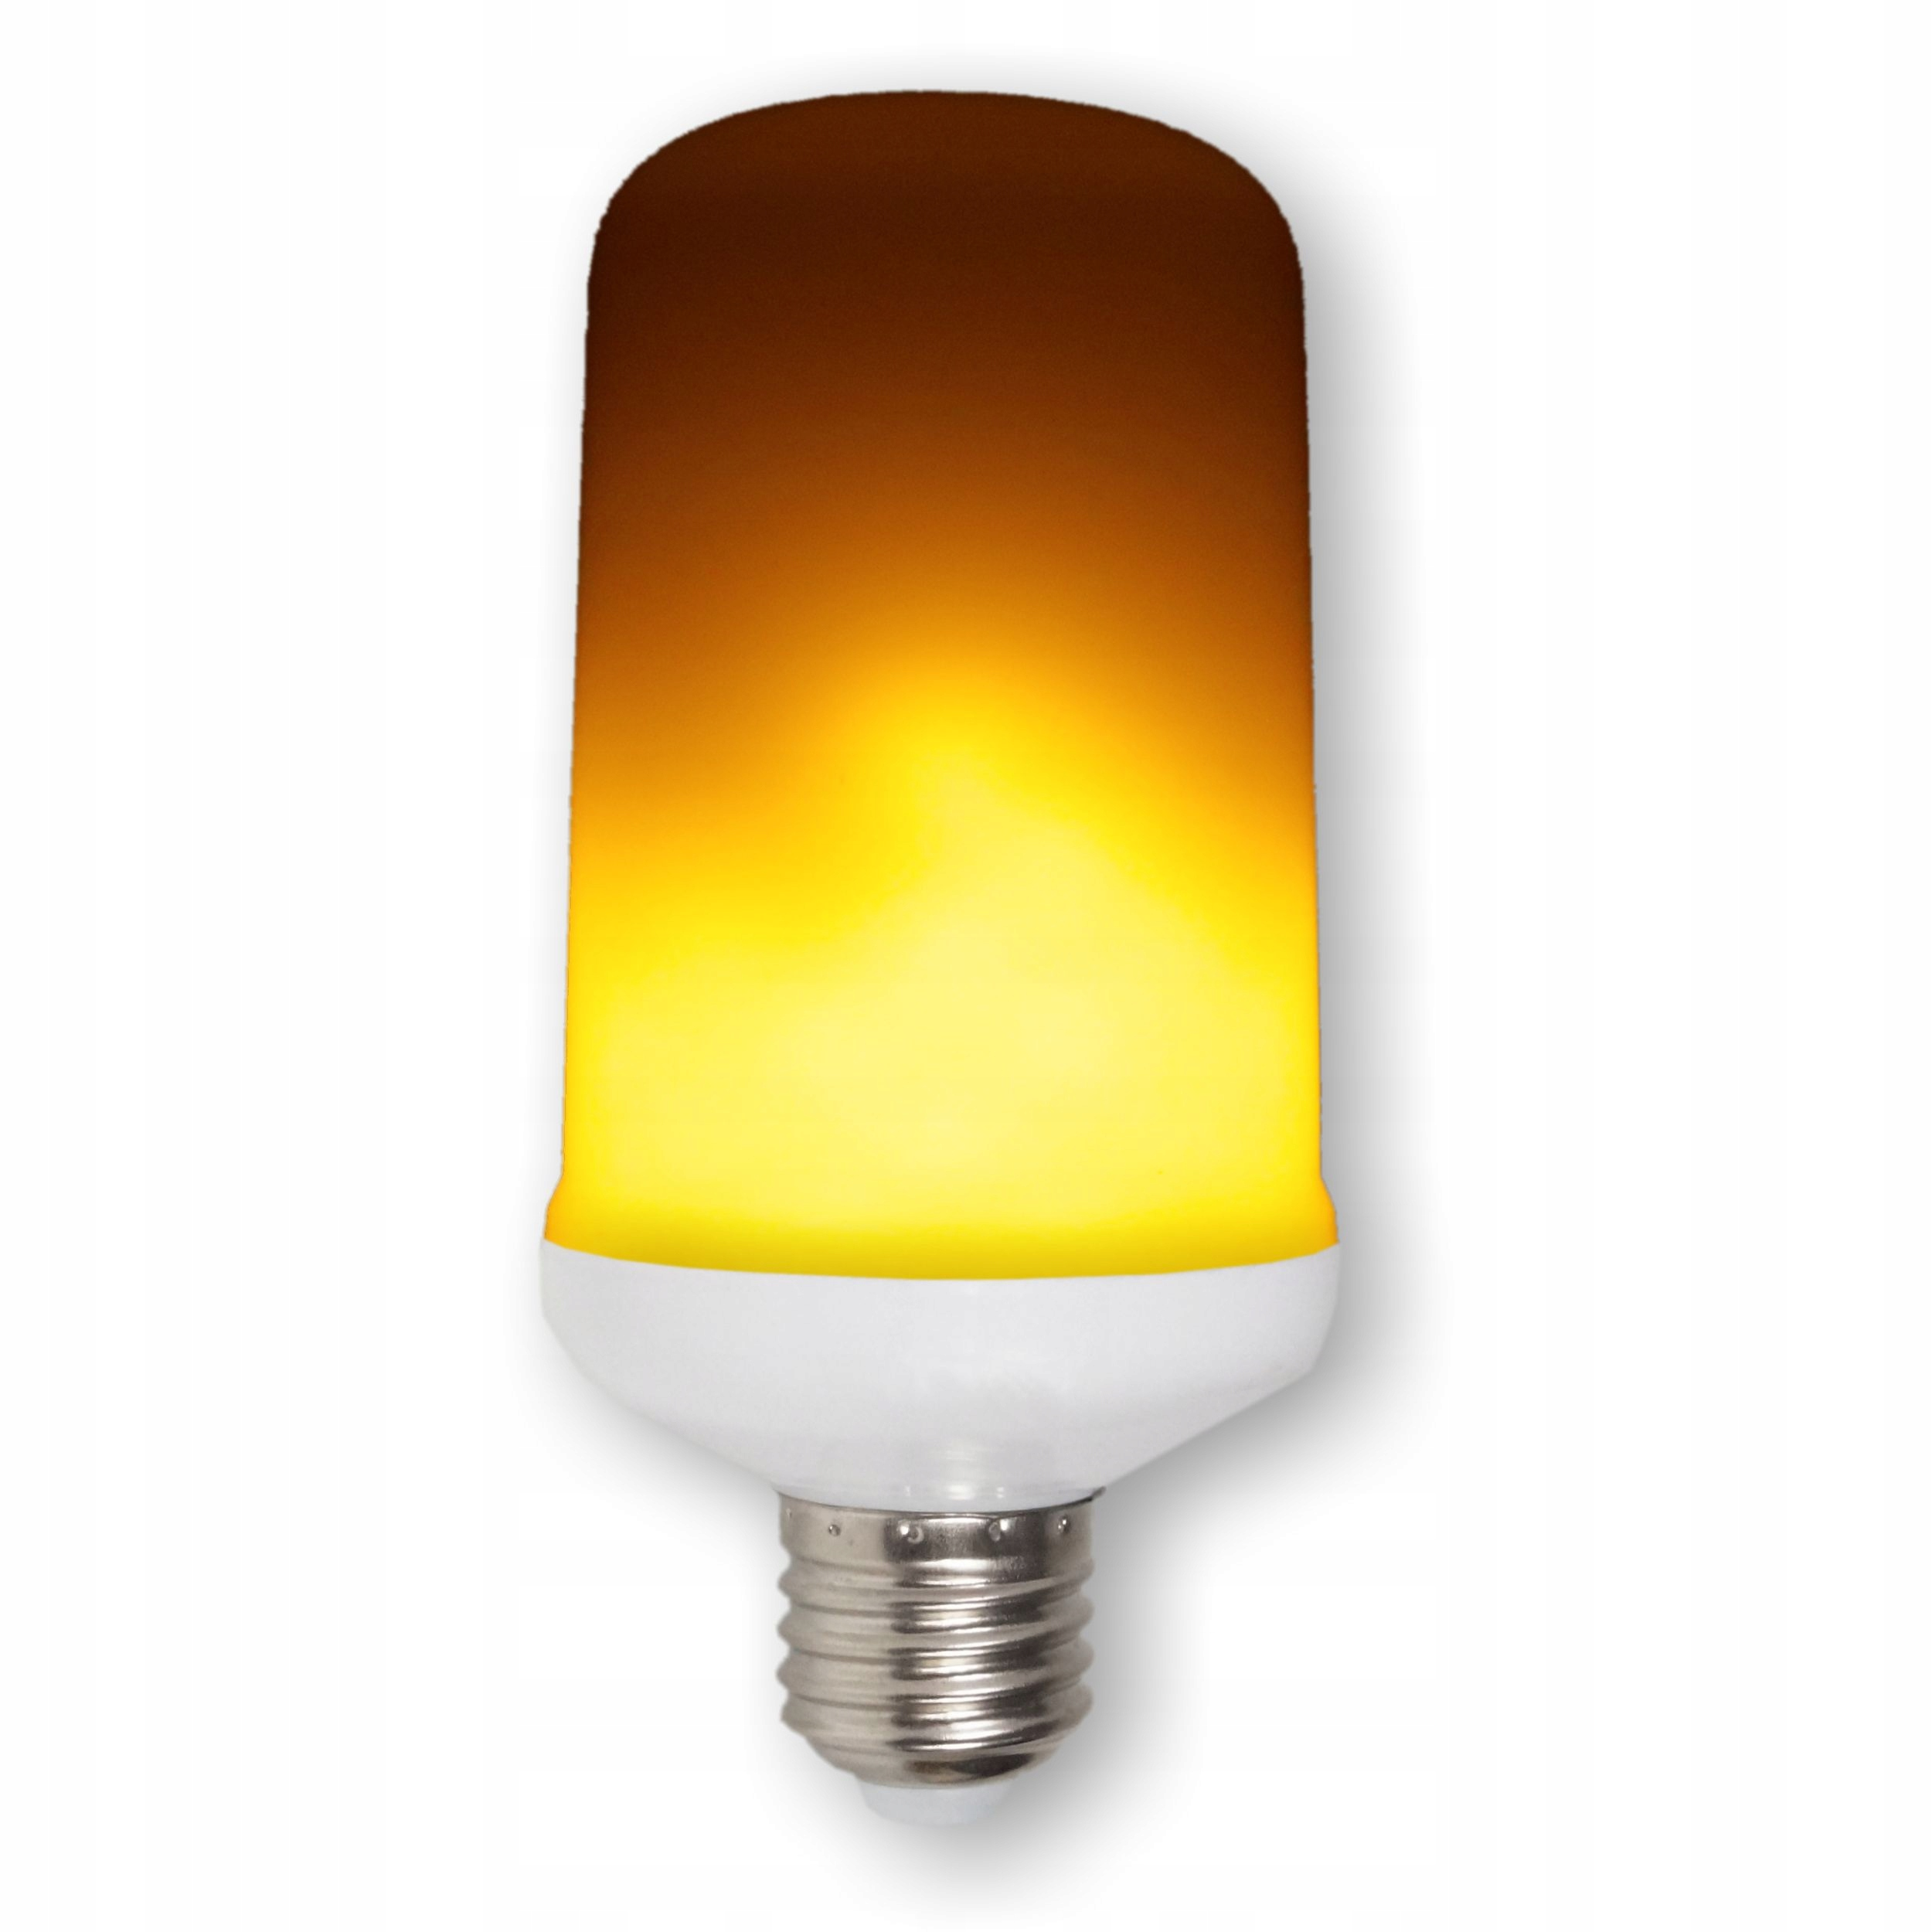 Żarówka ogień, ozdobna, imitująca płomień LED E27